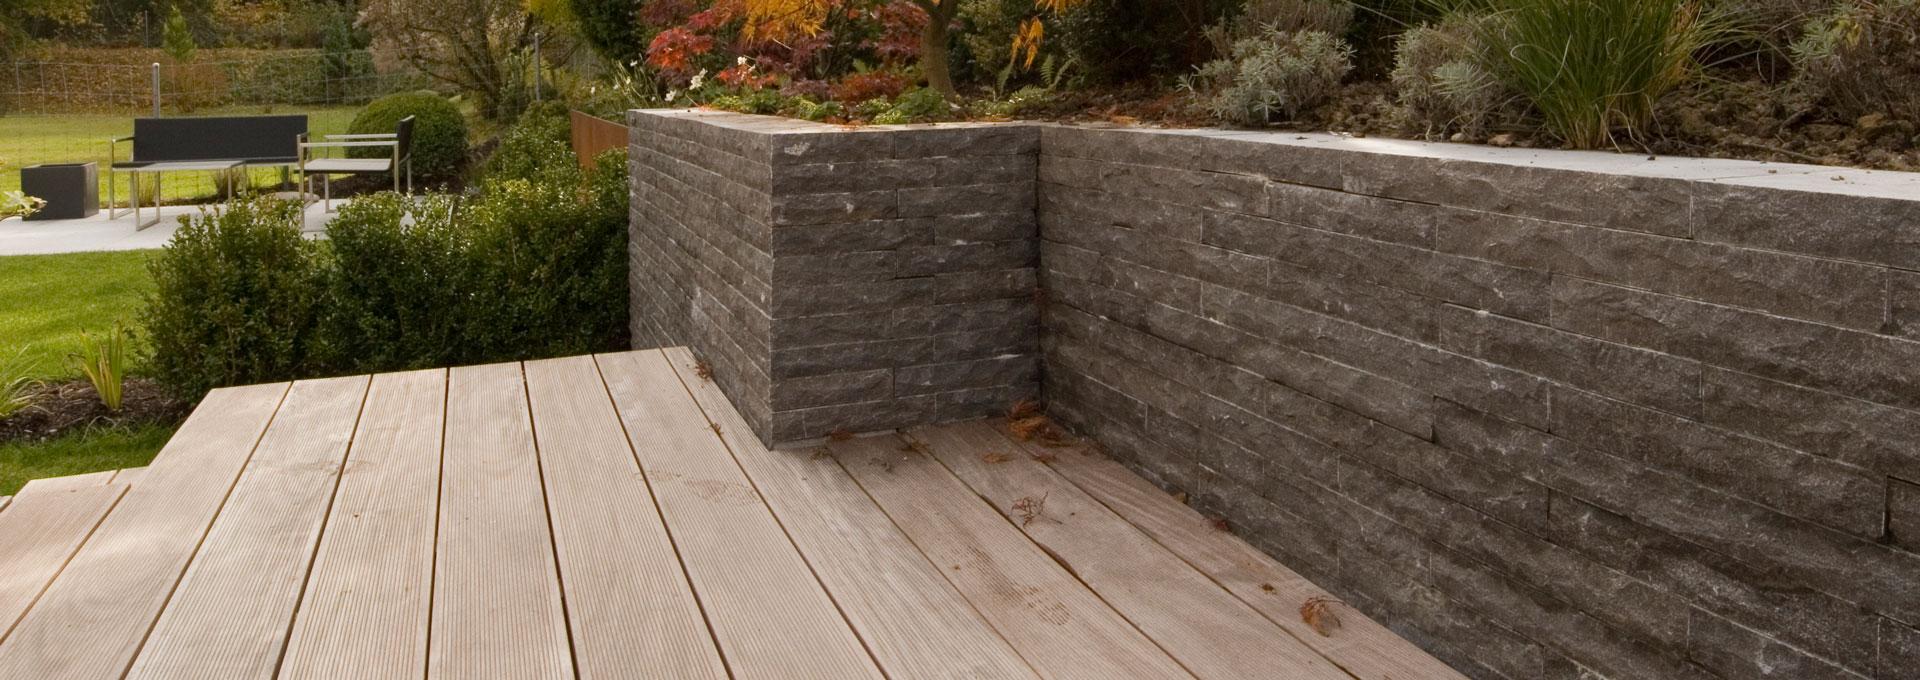 Gartenmauer Von Den Experten Fur Gartenbau Im Aargau Bauen Lassen